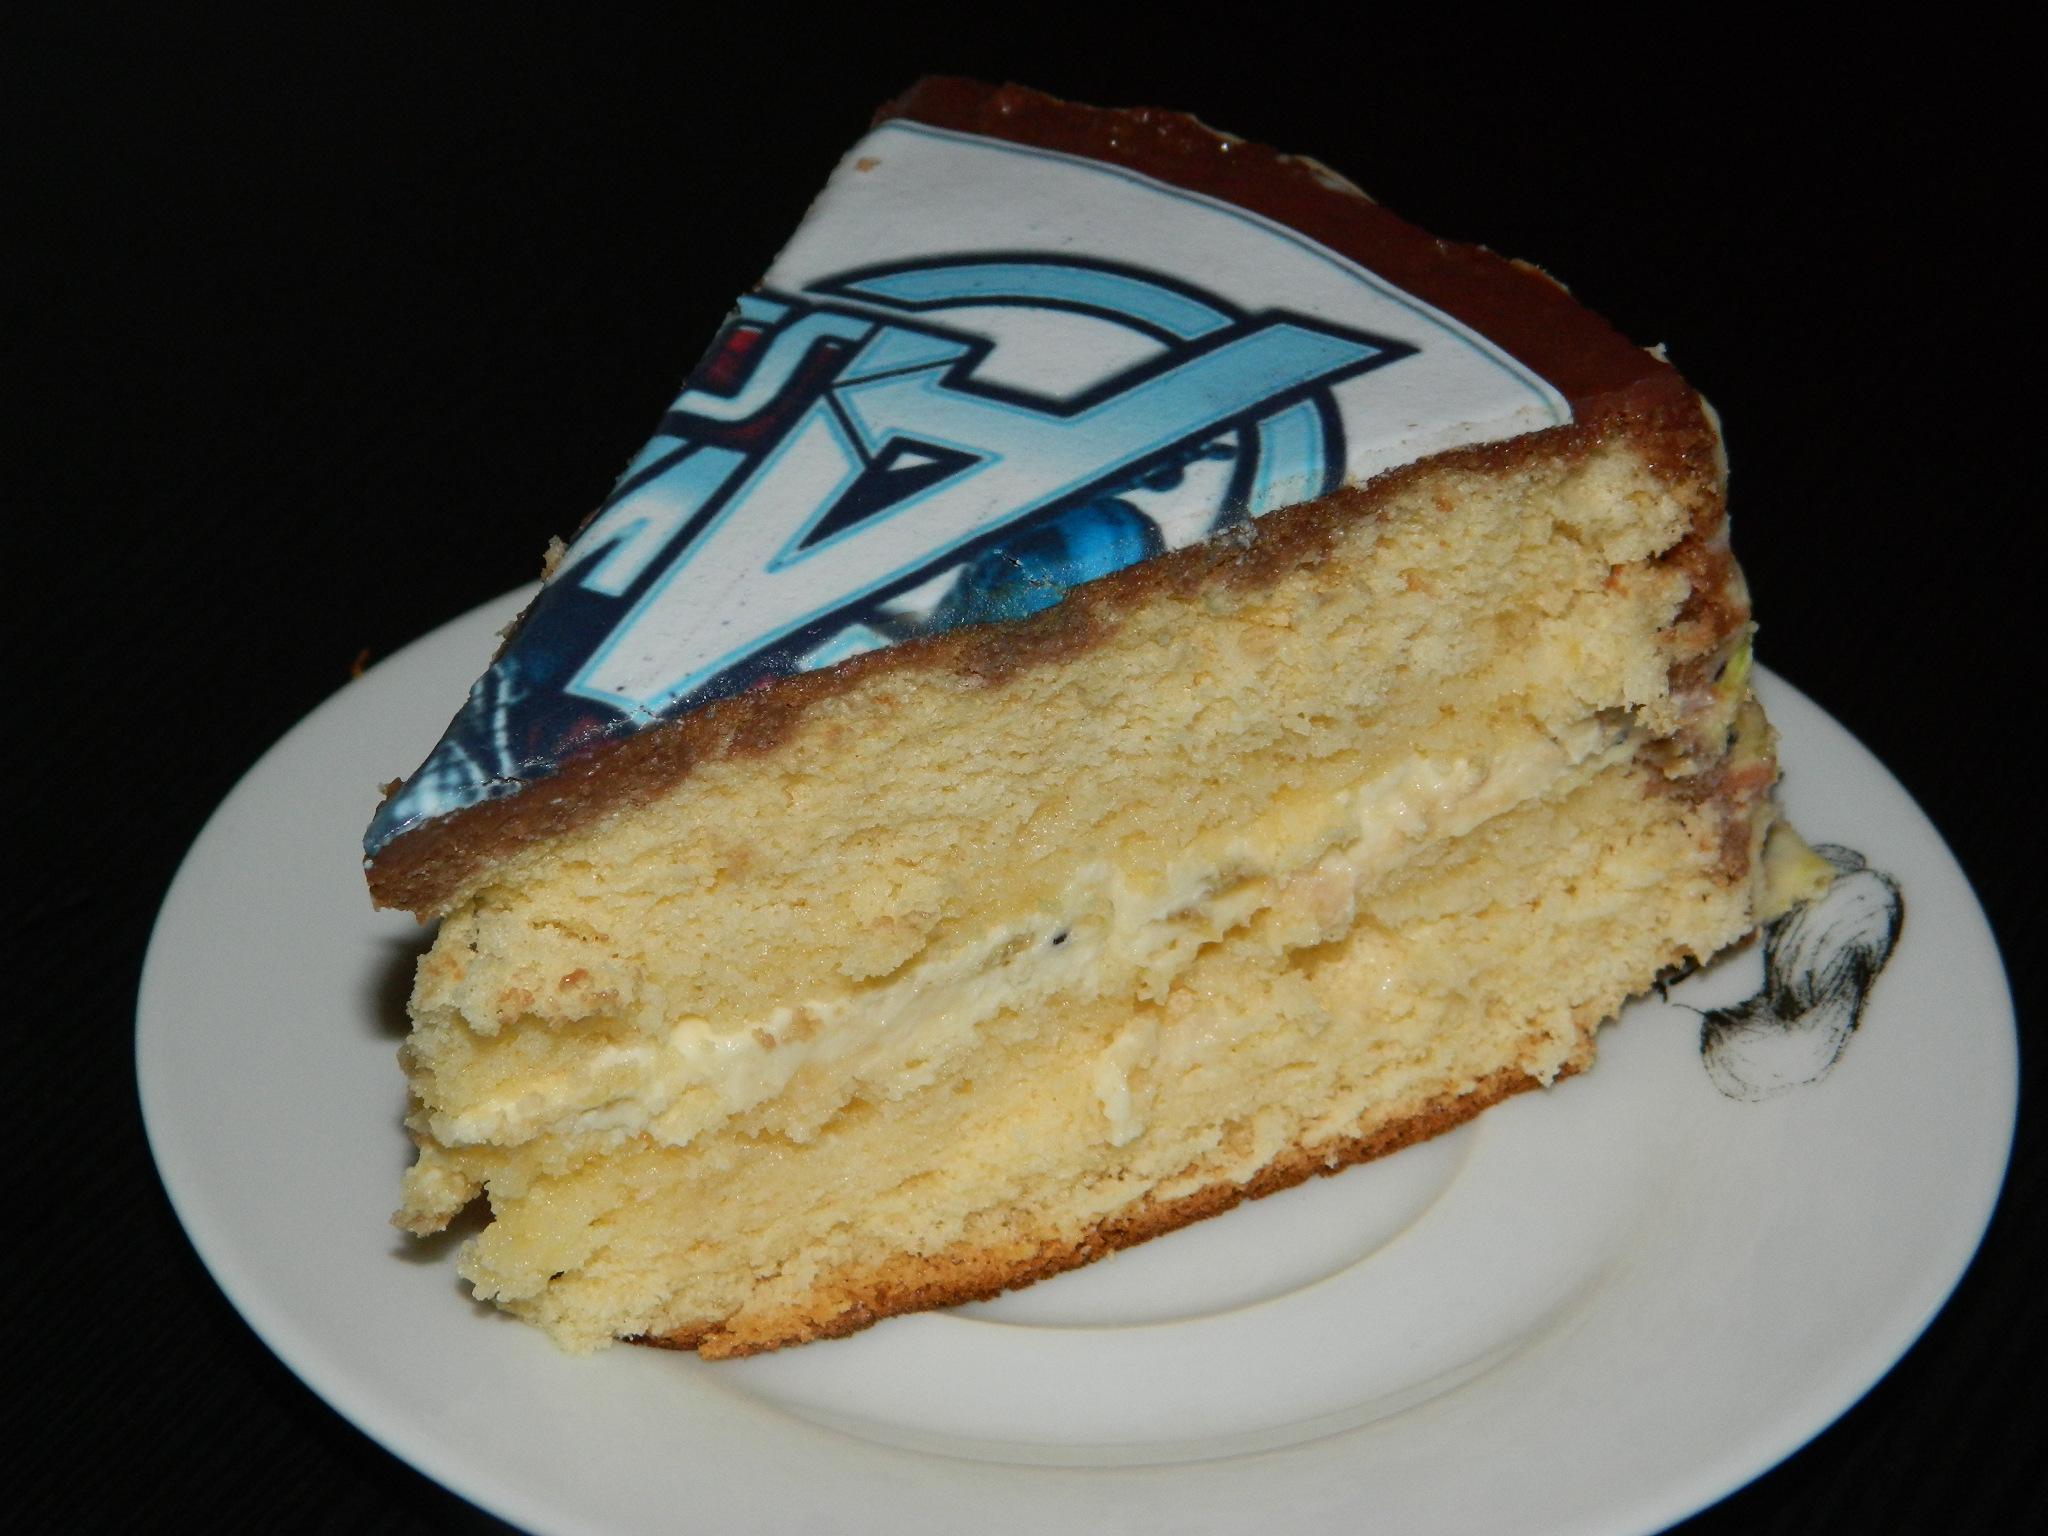 bizcocho de cumpleaños con queso crema, chocolate blanco y kiwi